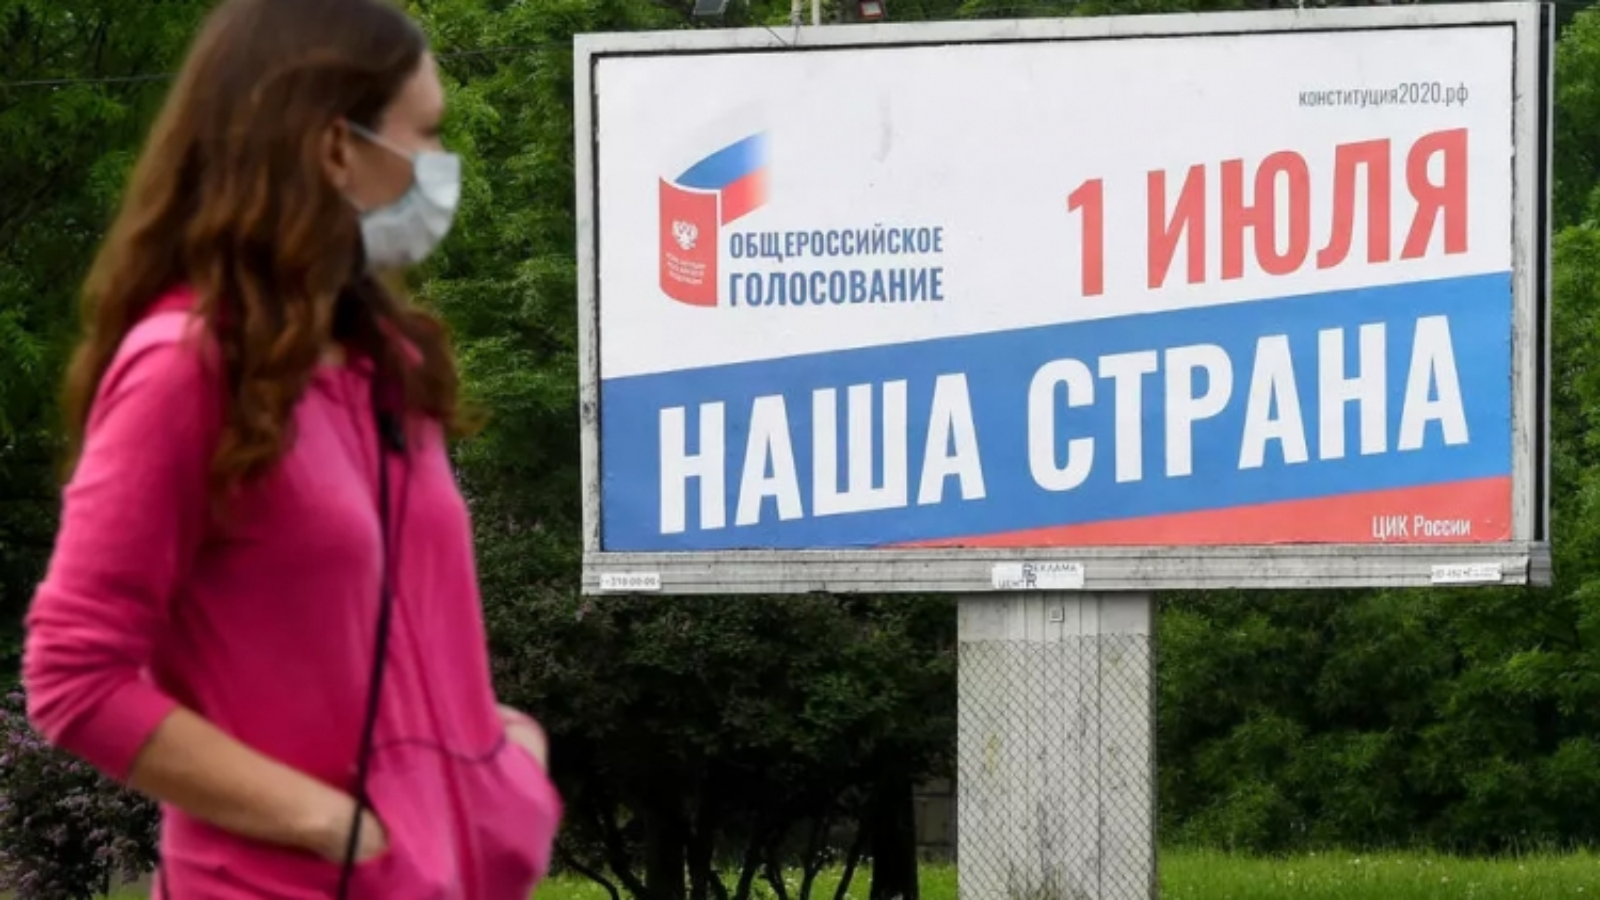 Nga bắt đầu mở cửa các điểm bỏ phiếu đầu tiên về sửa đổi hiến pháp